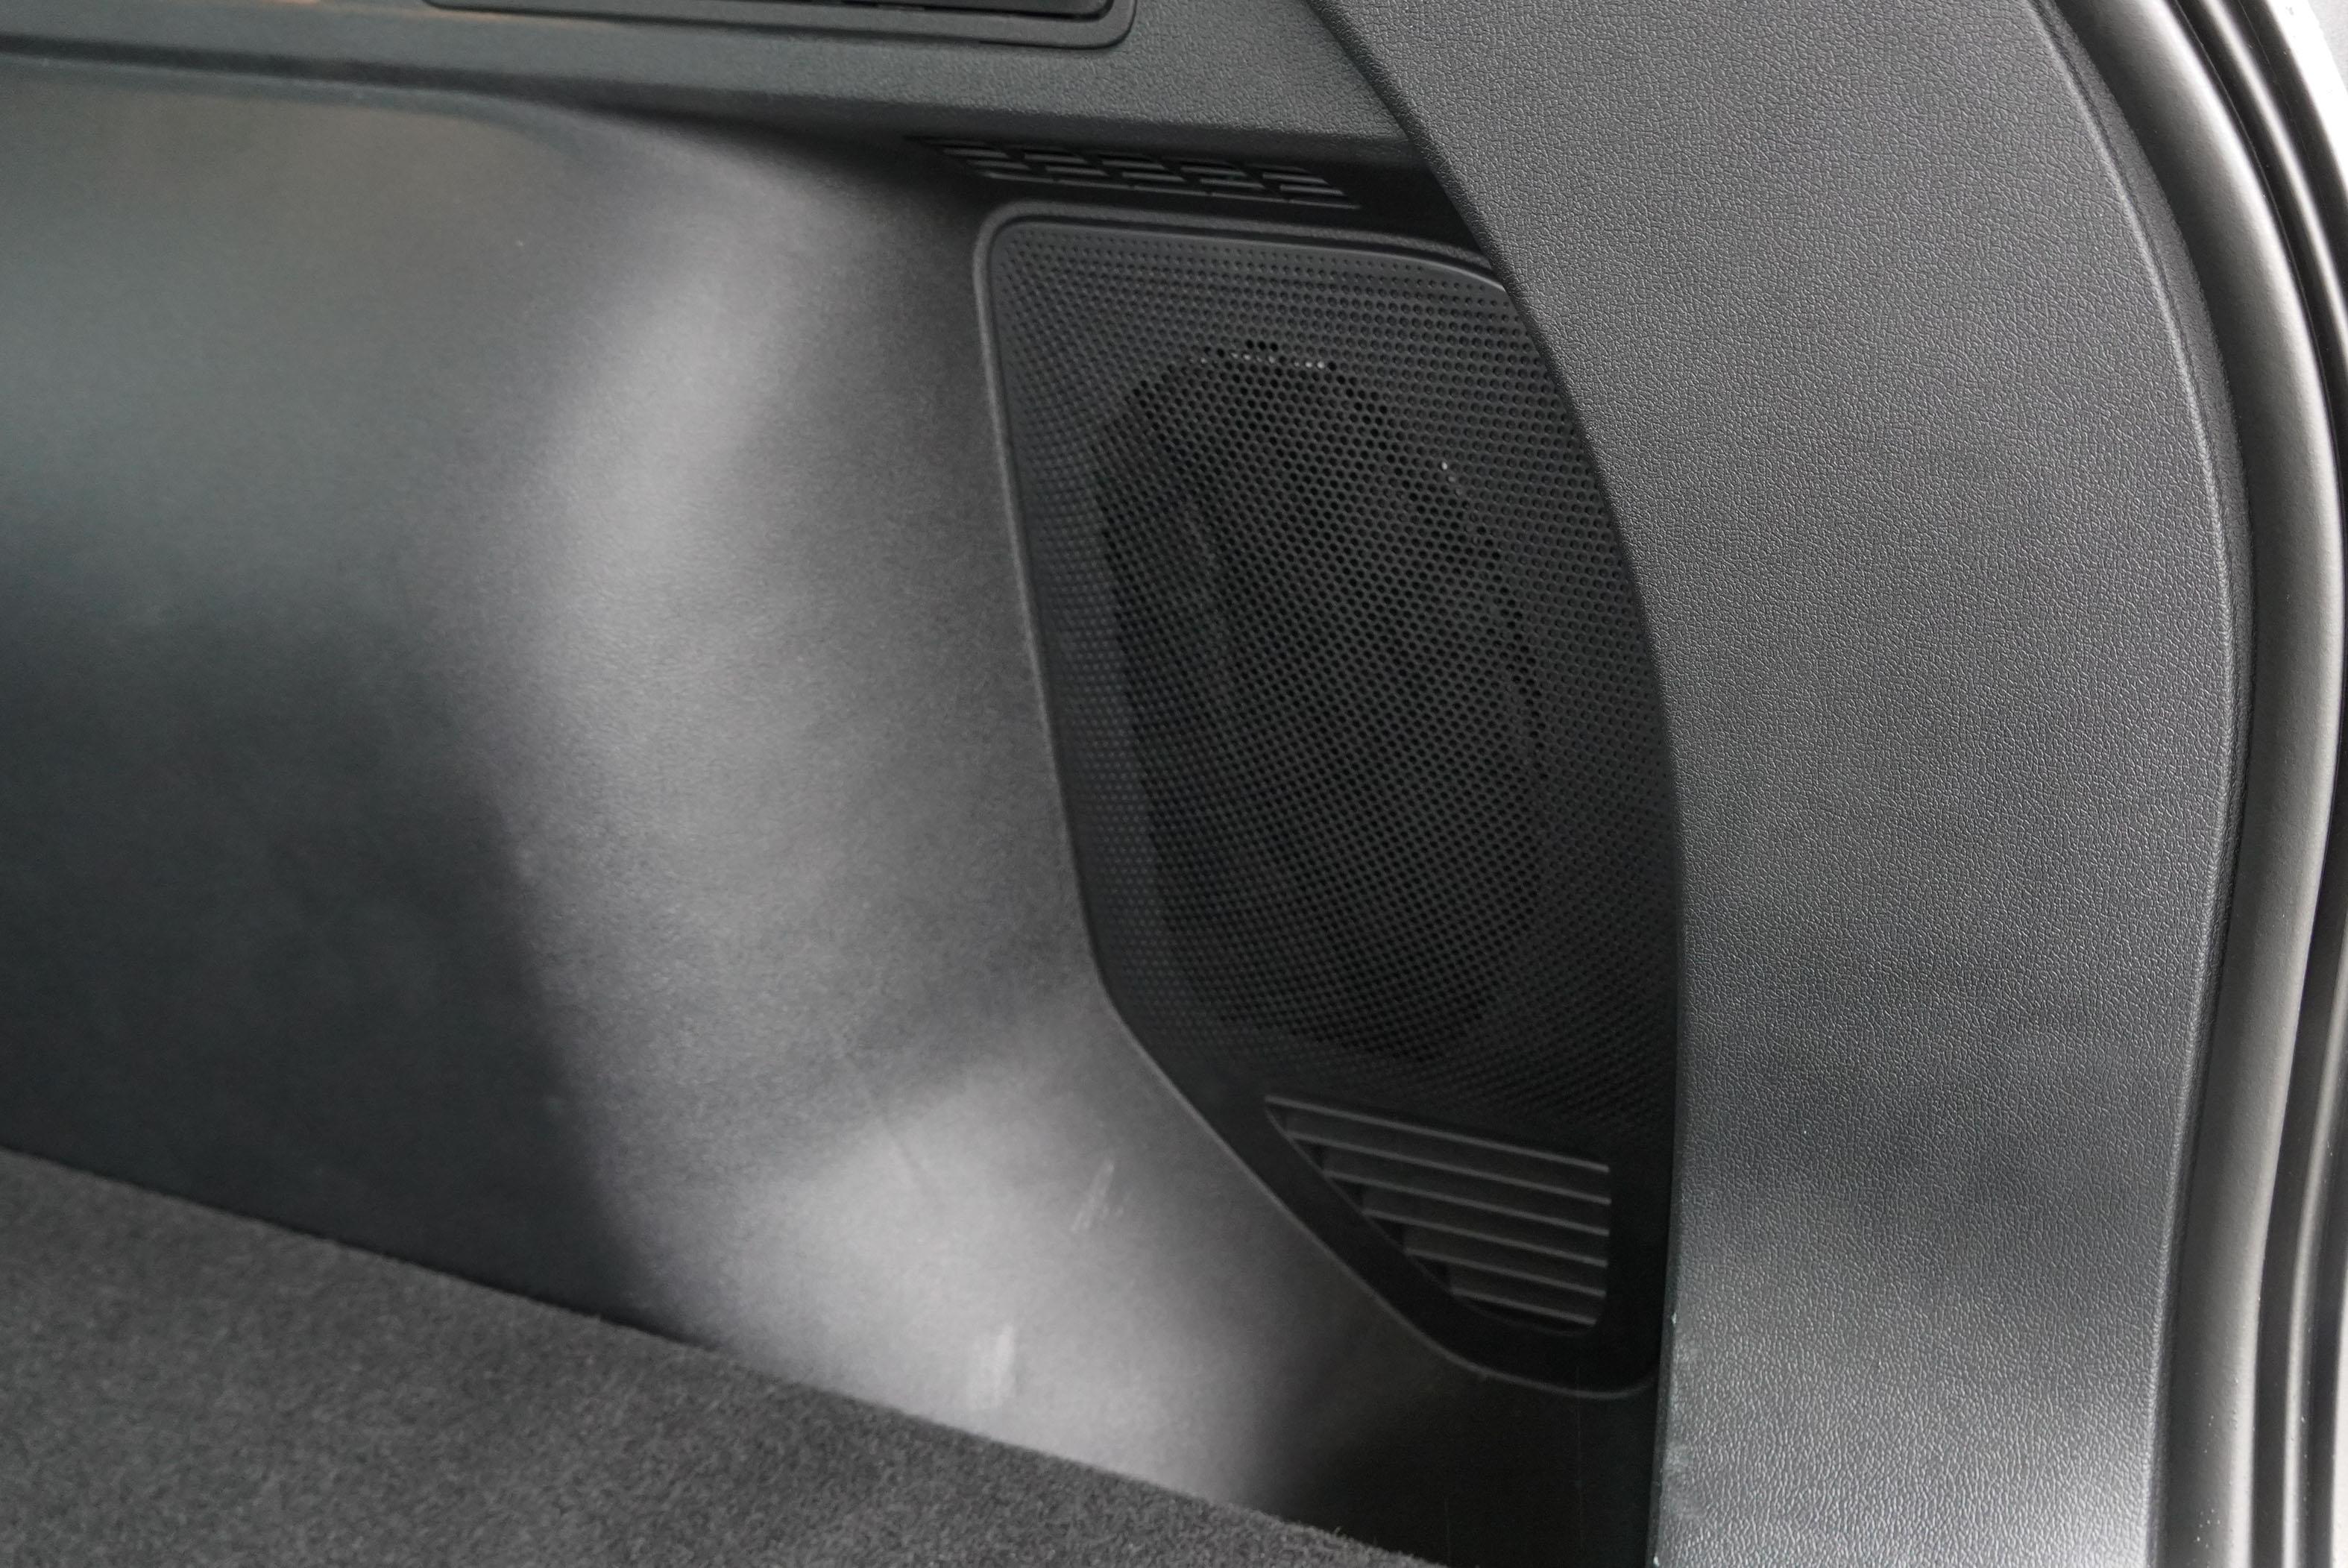 重低音喇叭位於行李廂右側。